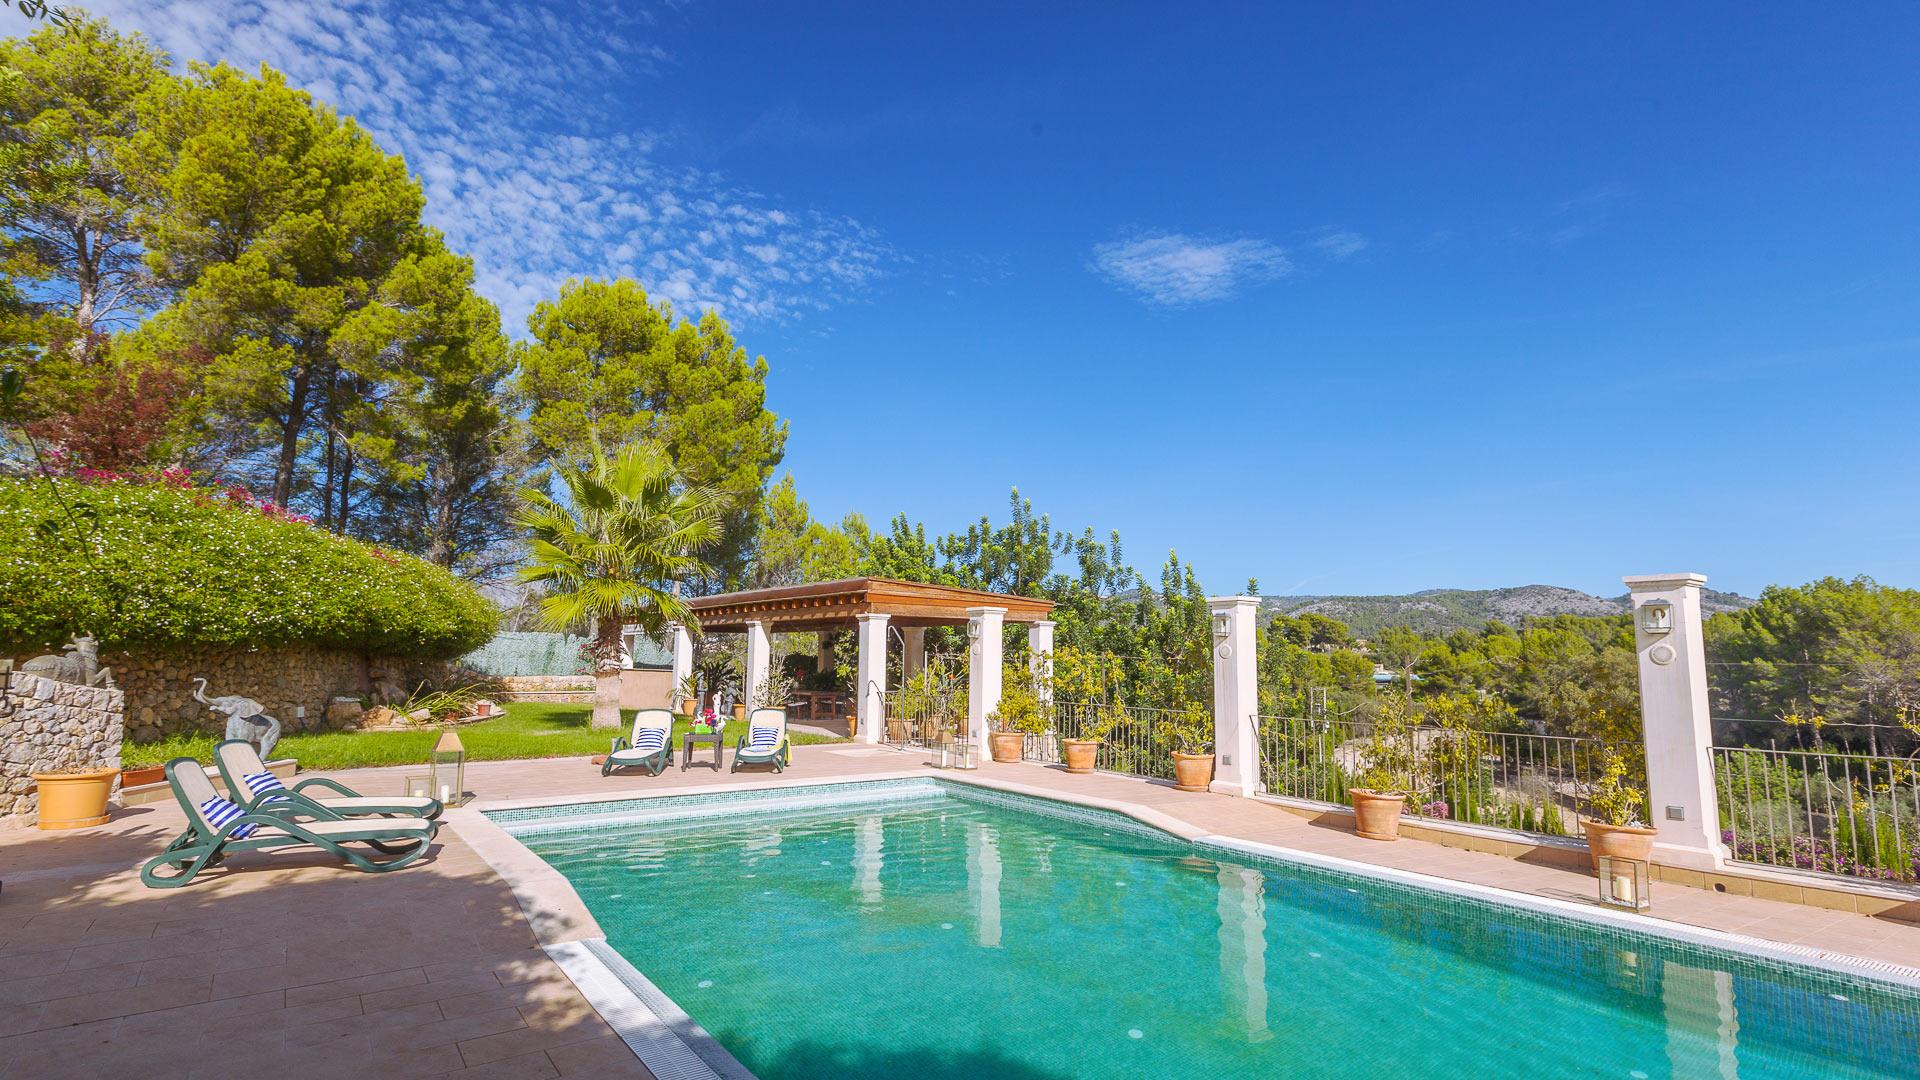 Villa caridad alquiler de casa en mallorca suroeste for Alquiler maquinaria mallorca